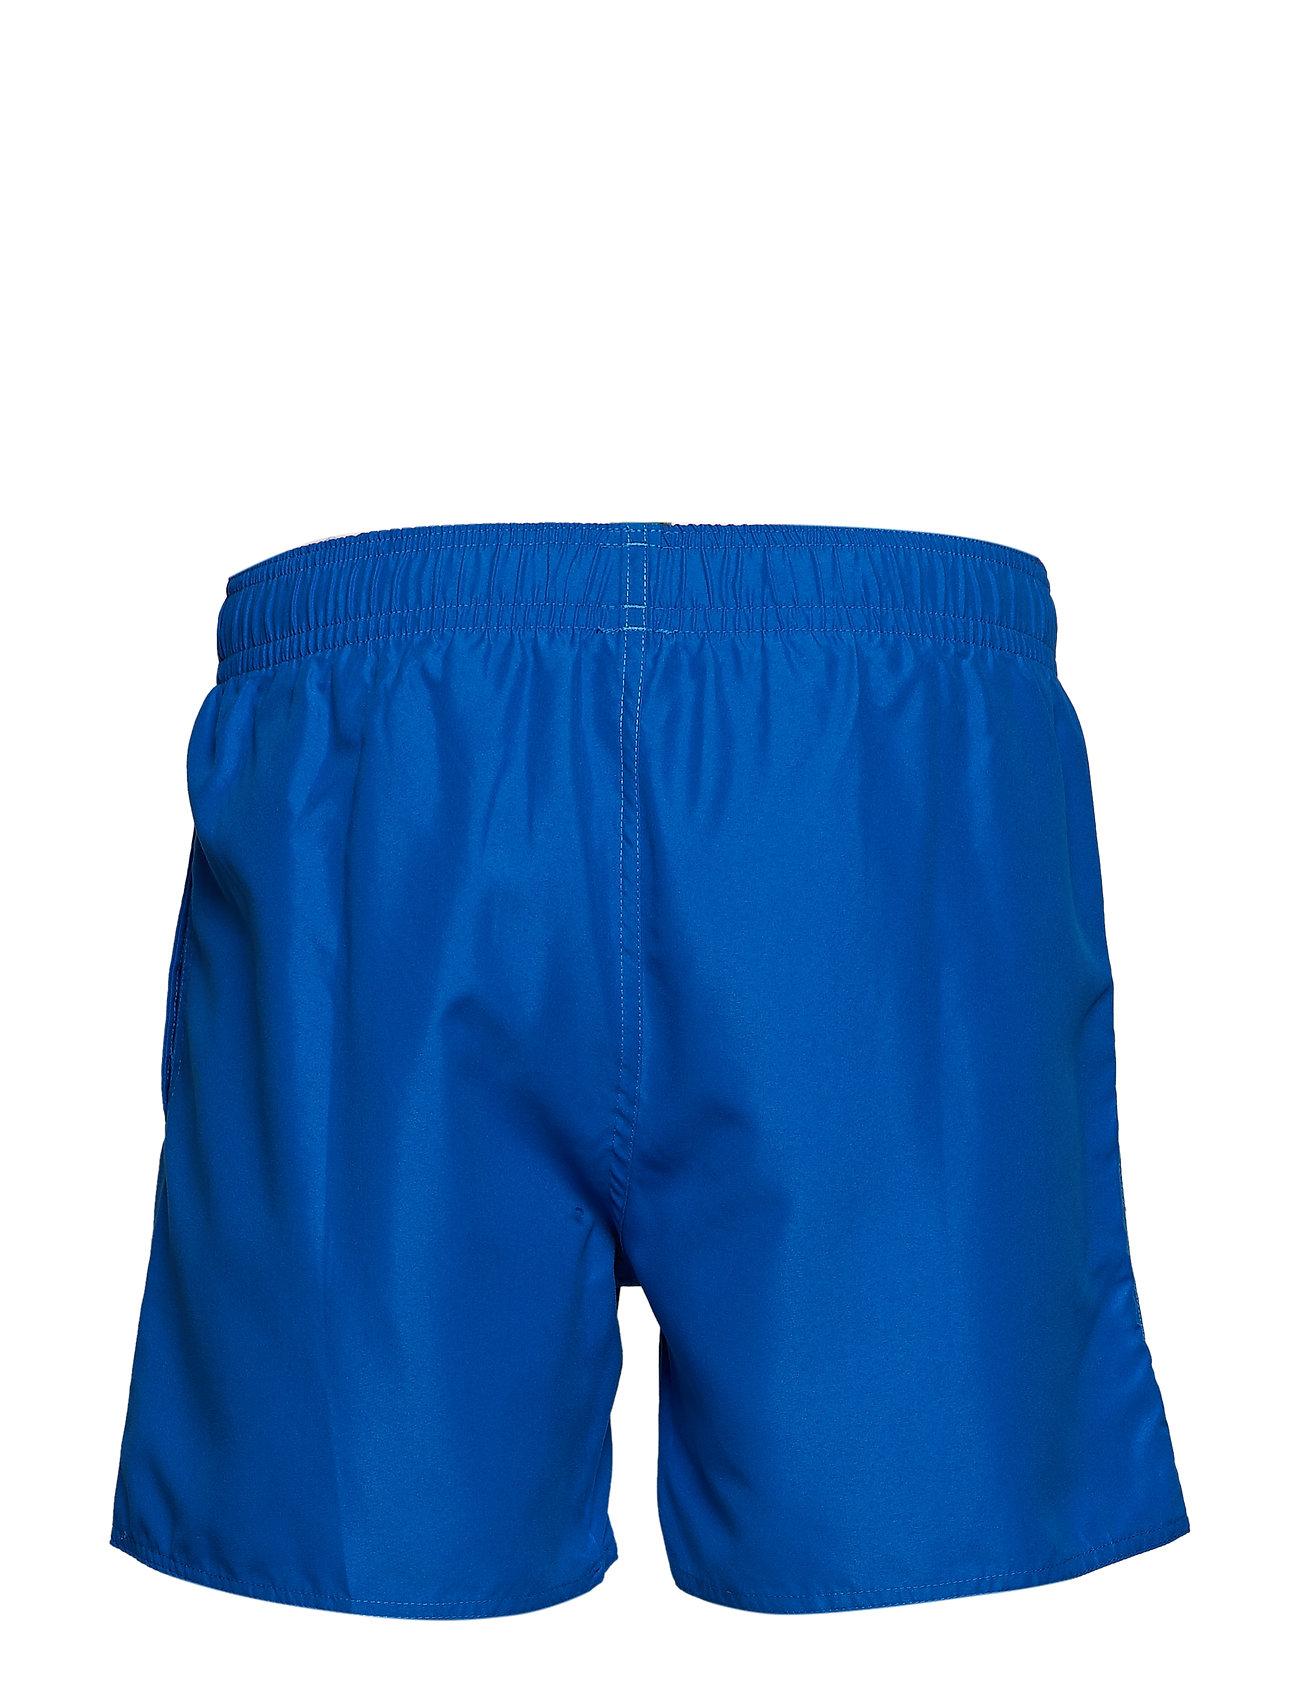 Jbs Swim Shorts - Badkläder Blue